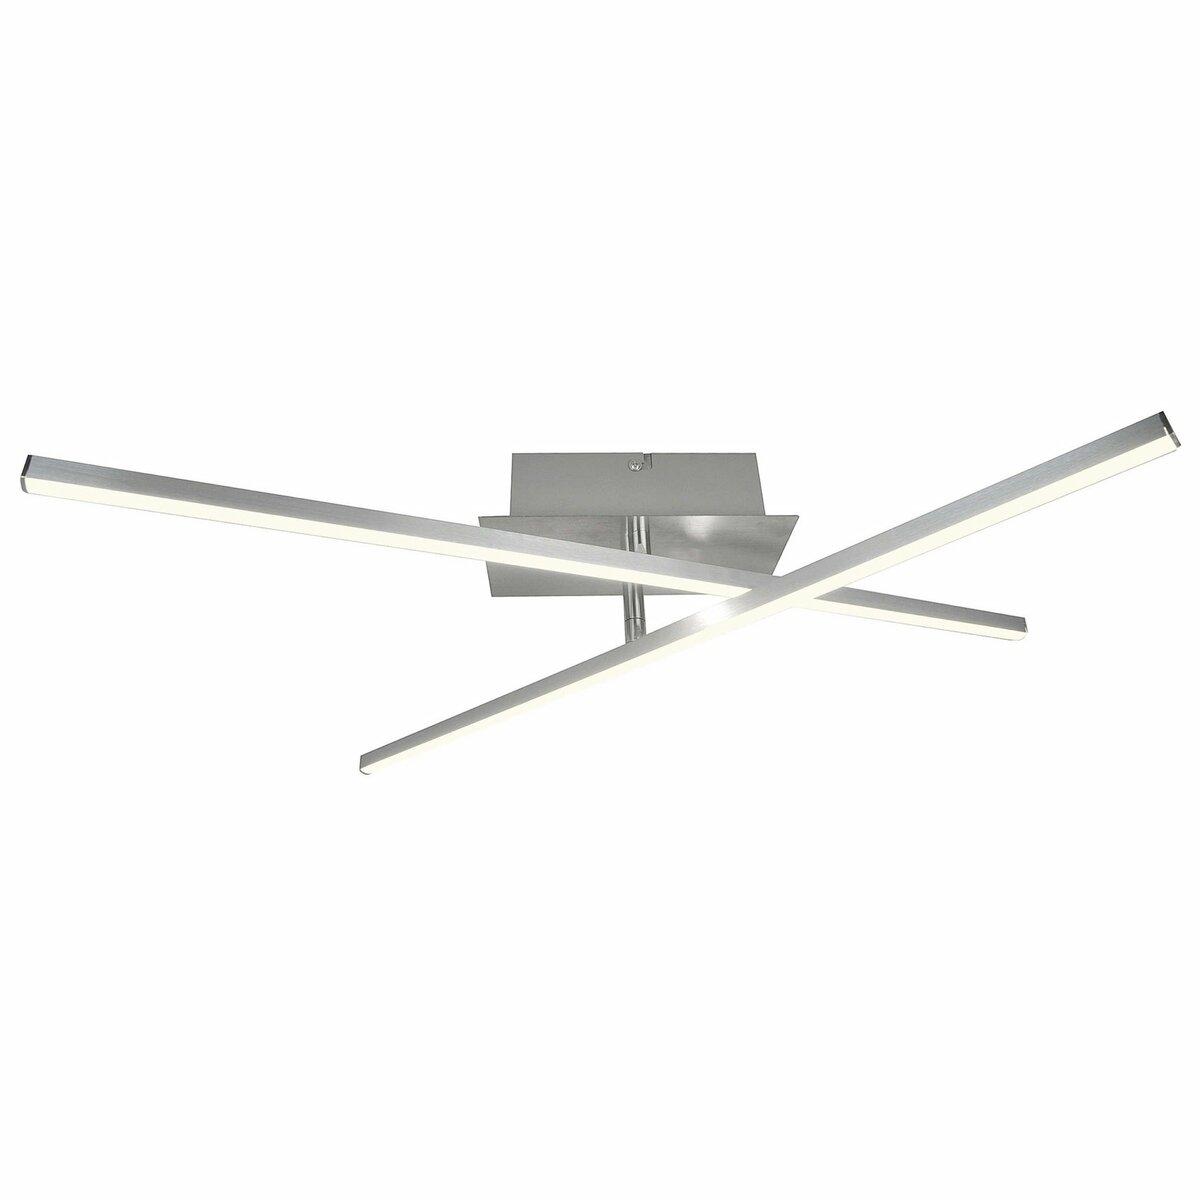 Bild 1 von DesignLive LED-Deckenleuchte   CANCUN